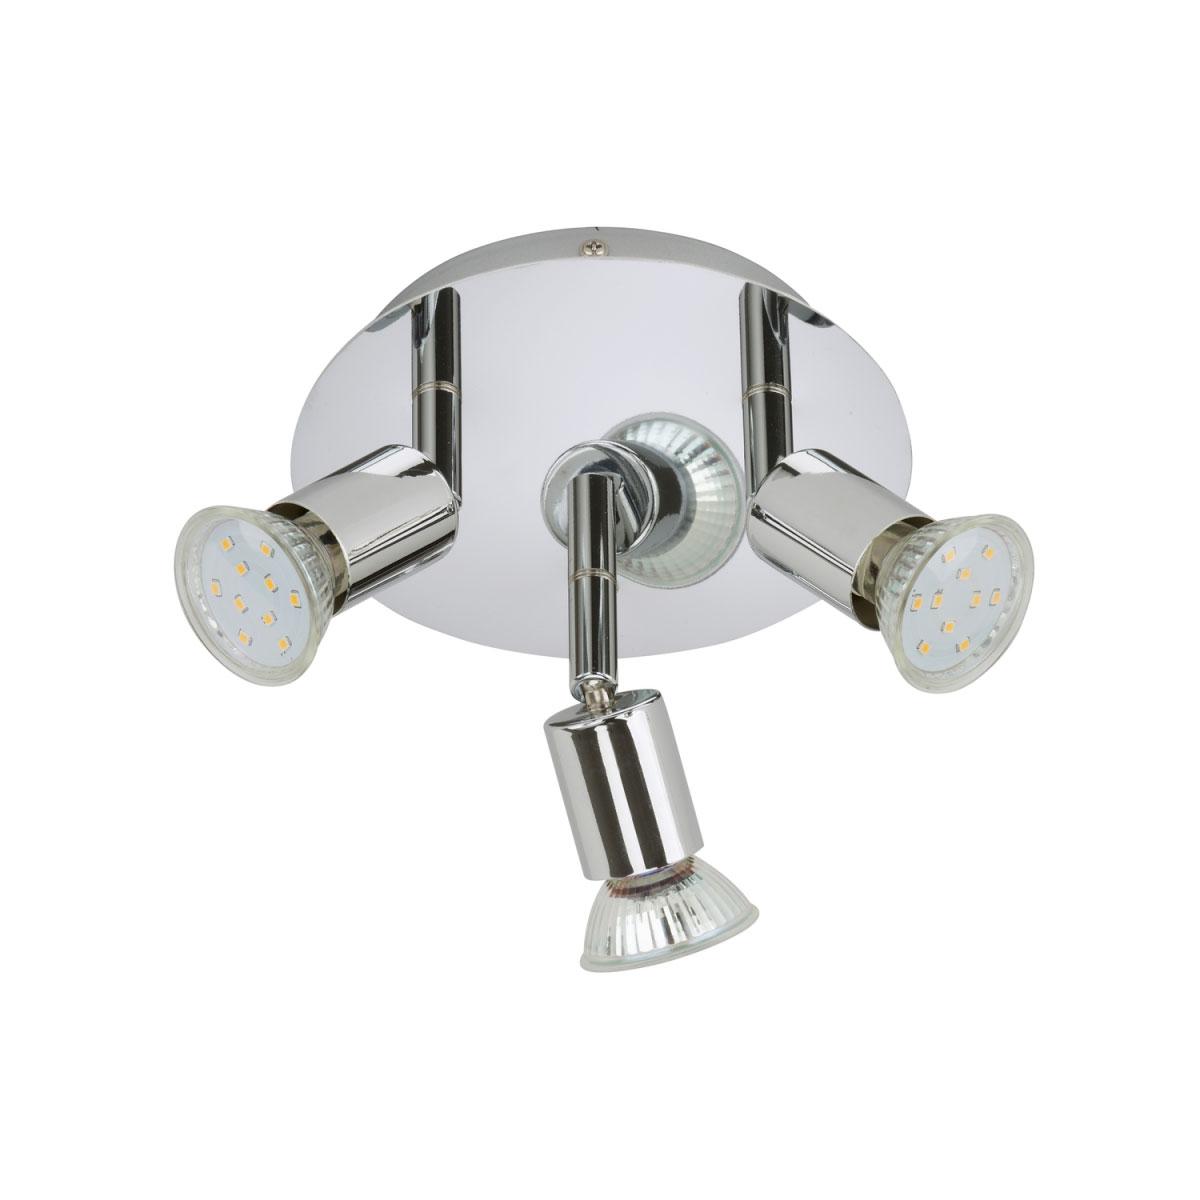 Deckenleuchten - LED Deckenleuchte, chrom, GU10, Metall  - Onlineshop Hellweg